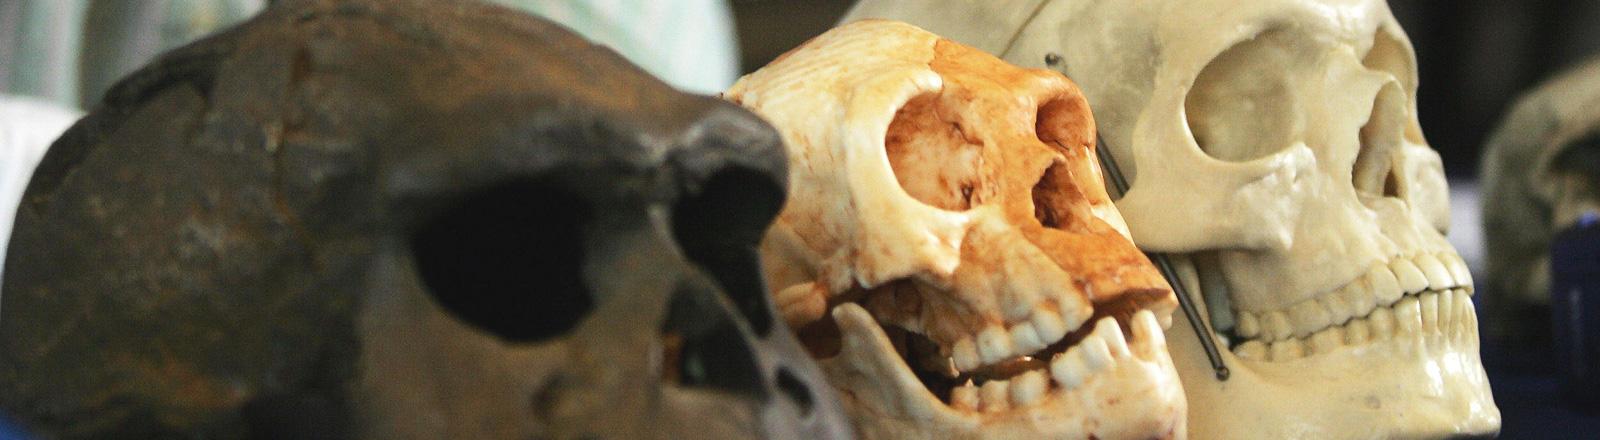 """Der Schädel der Menschenart """"homo floresiensis"""" liegt auf einem Tisch in der Mitte zwischen zwei anderen Schädeln."""